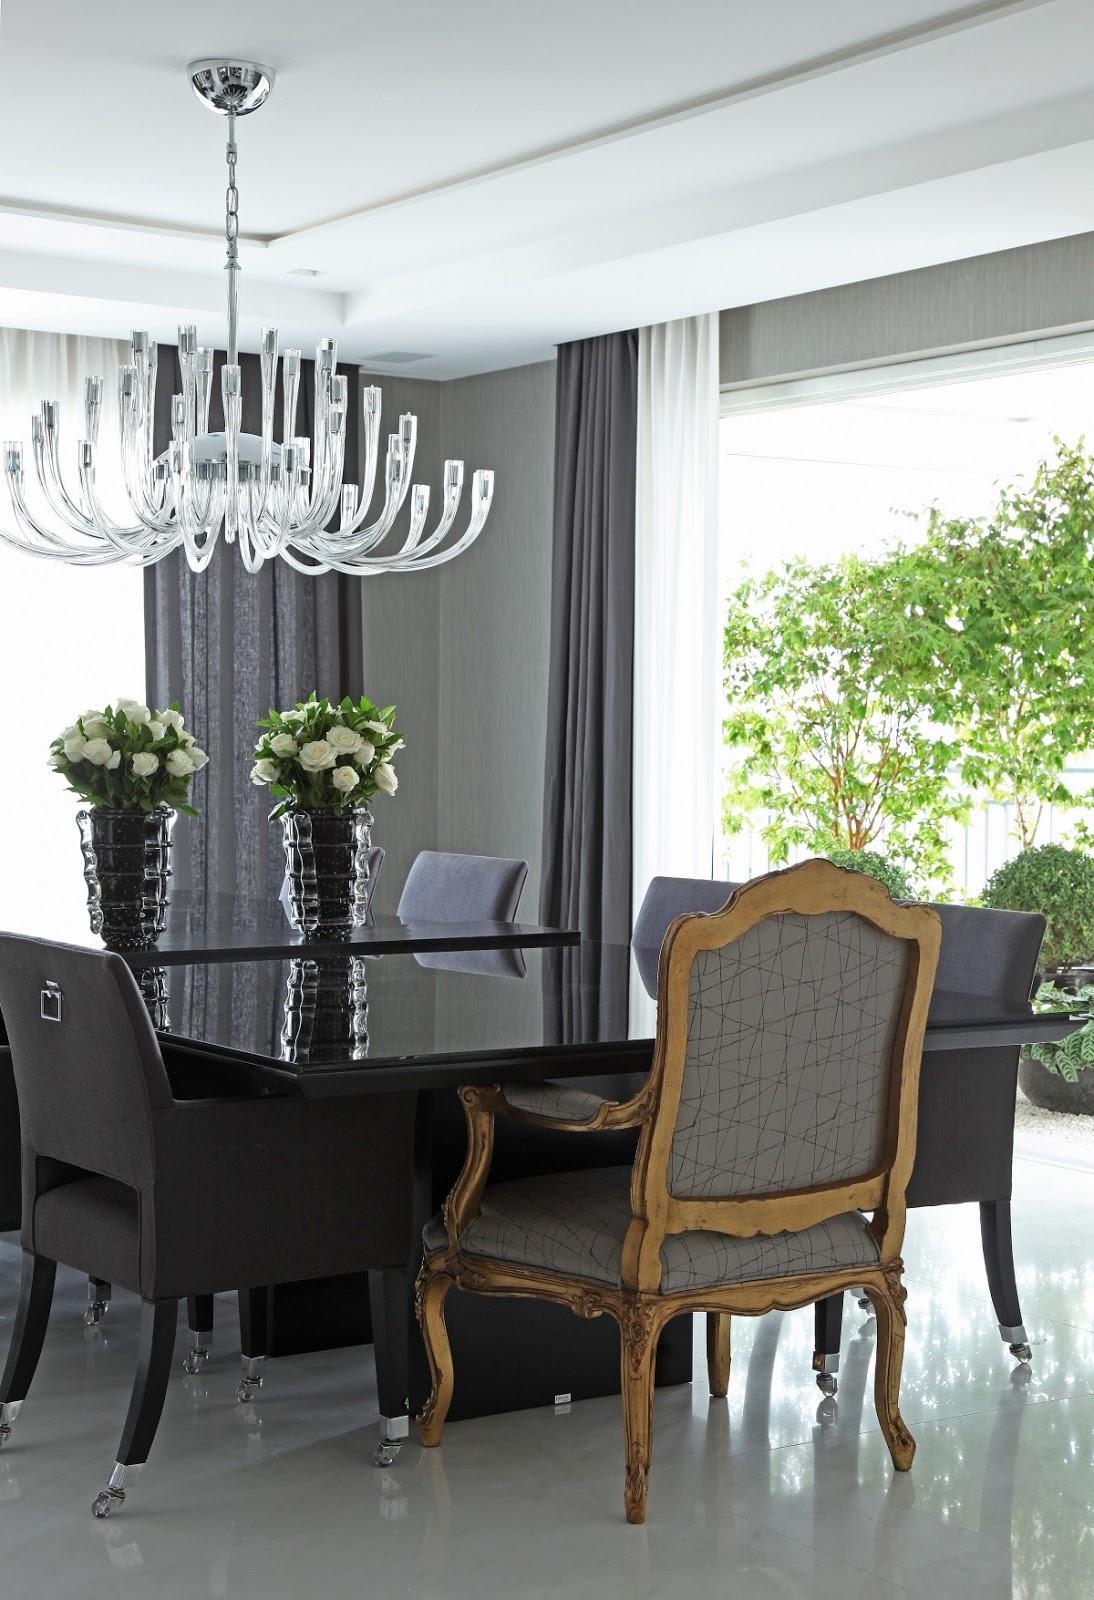 #788F3C com salas de estar jantar e varanda com decoração branco preto e  1094x1600 píxeis em Decoração De Sala De Estar Branco E Preto